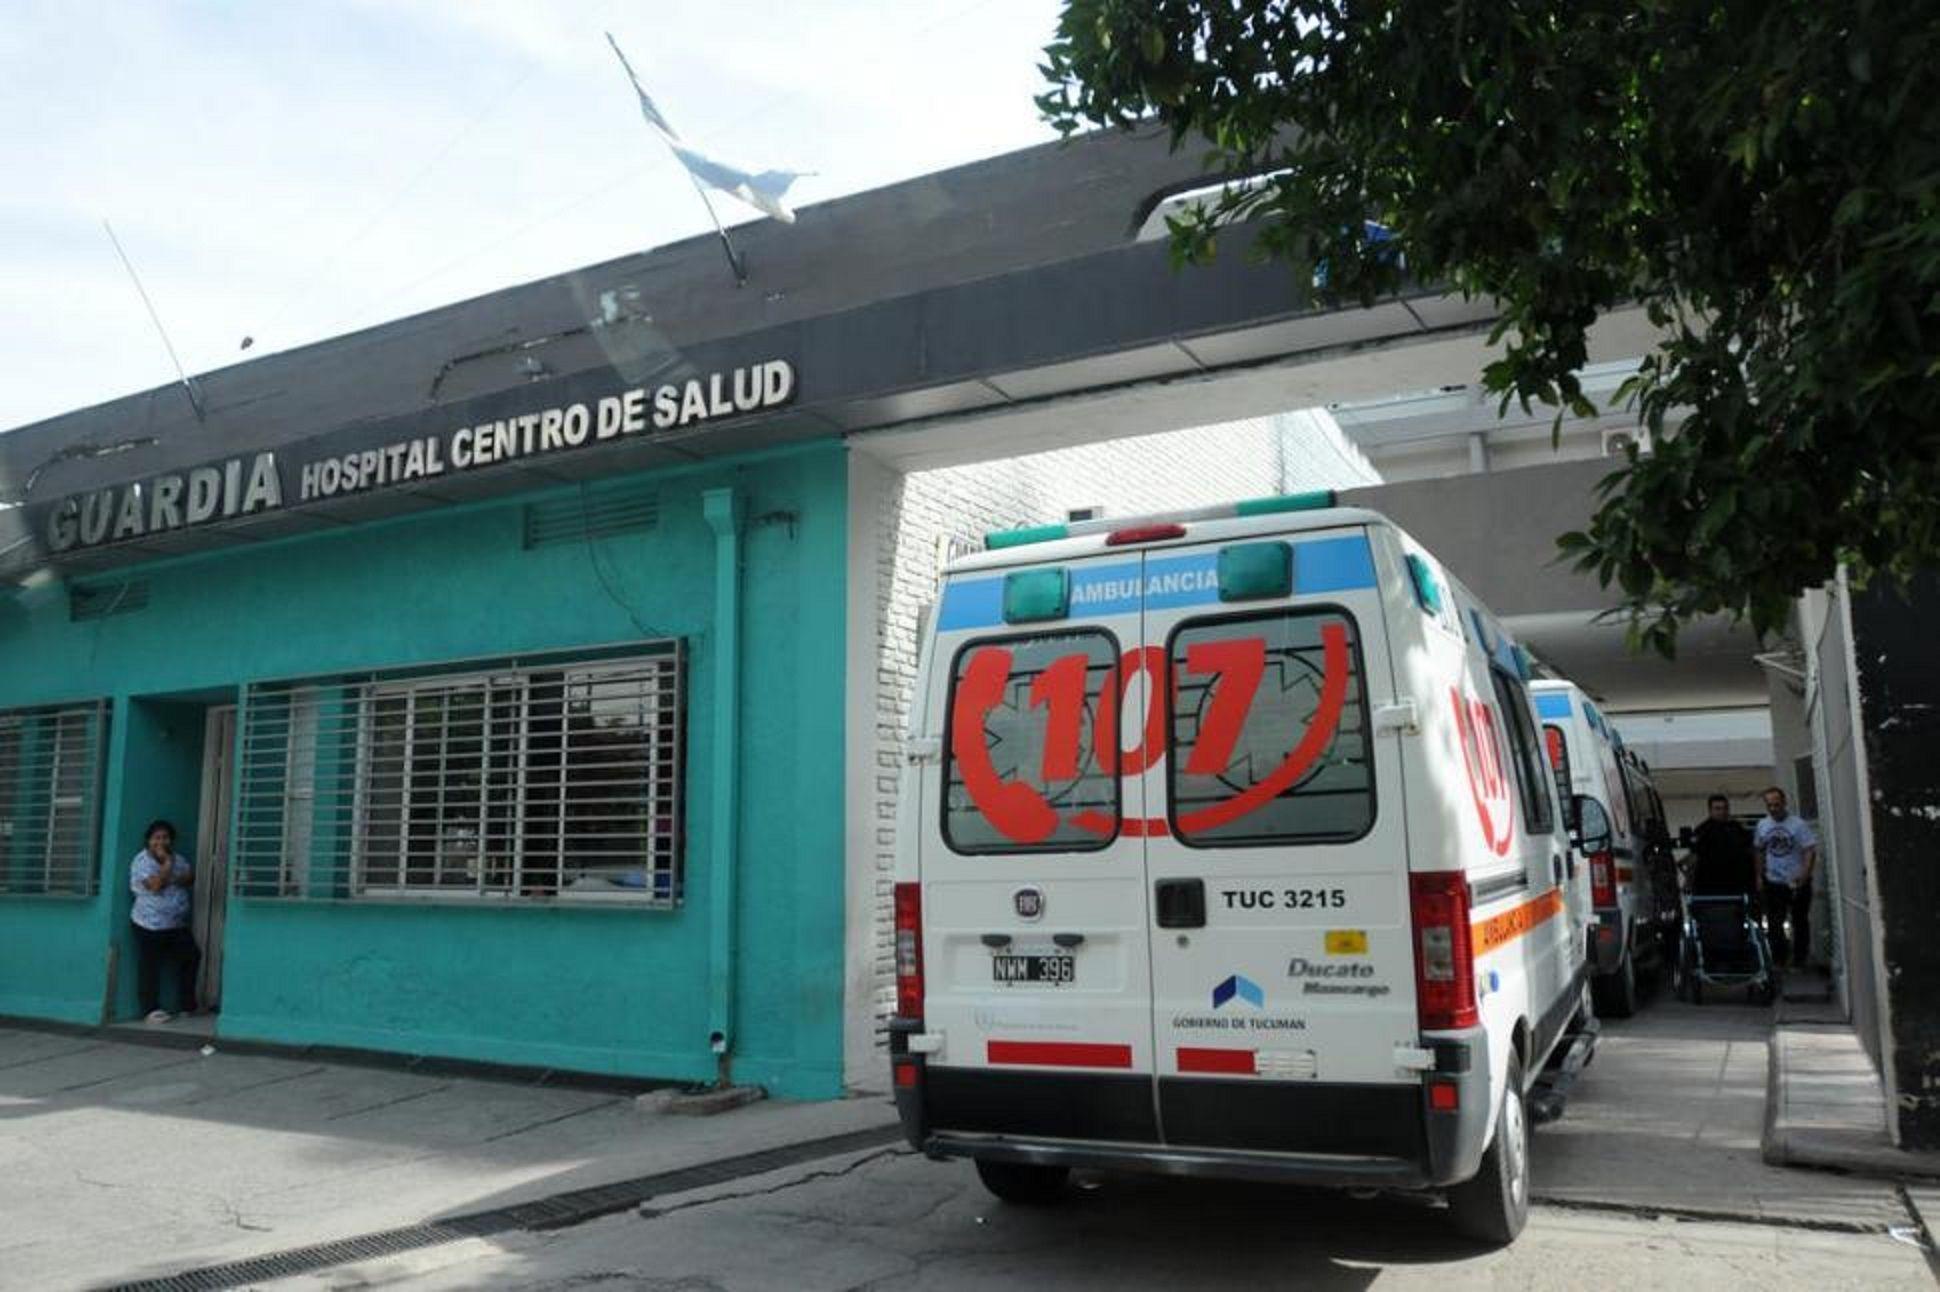 Foto gentileza La Gaceta de Tucumán